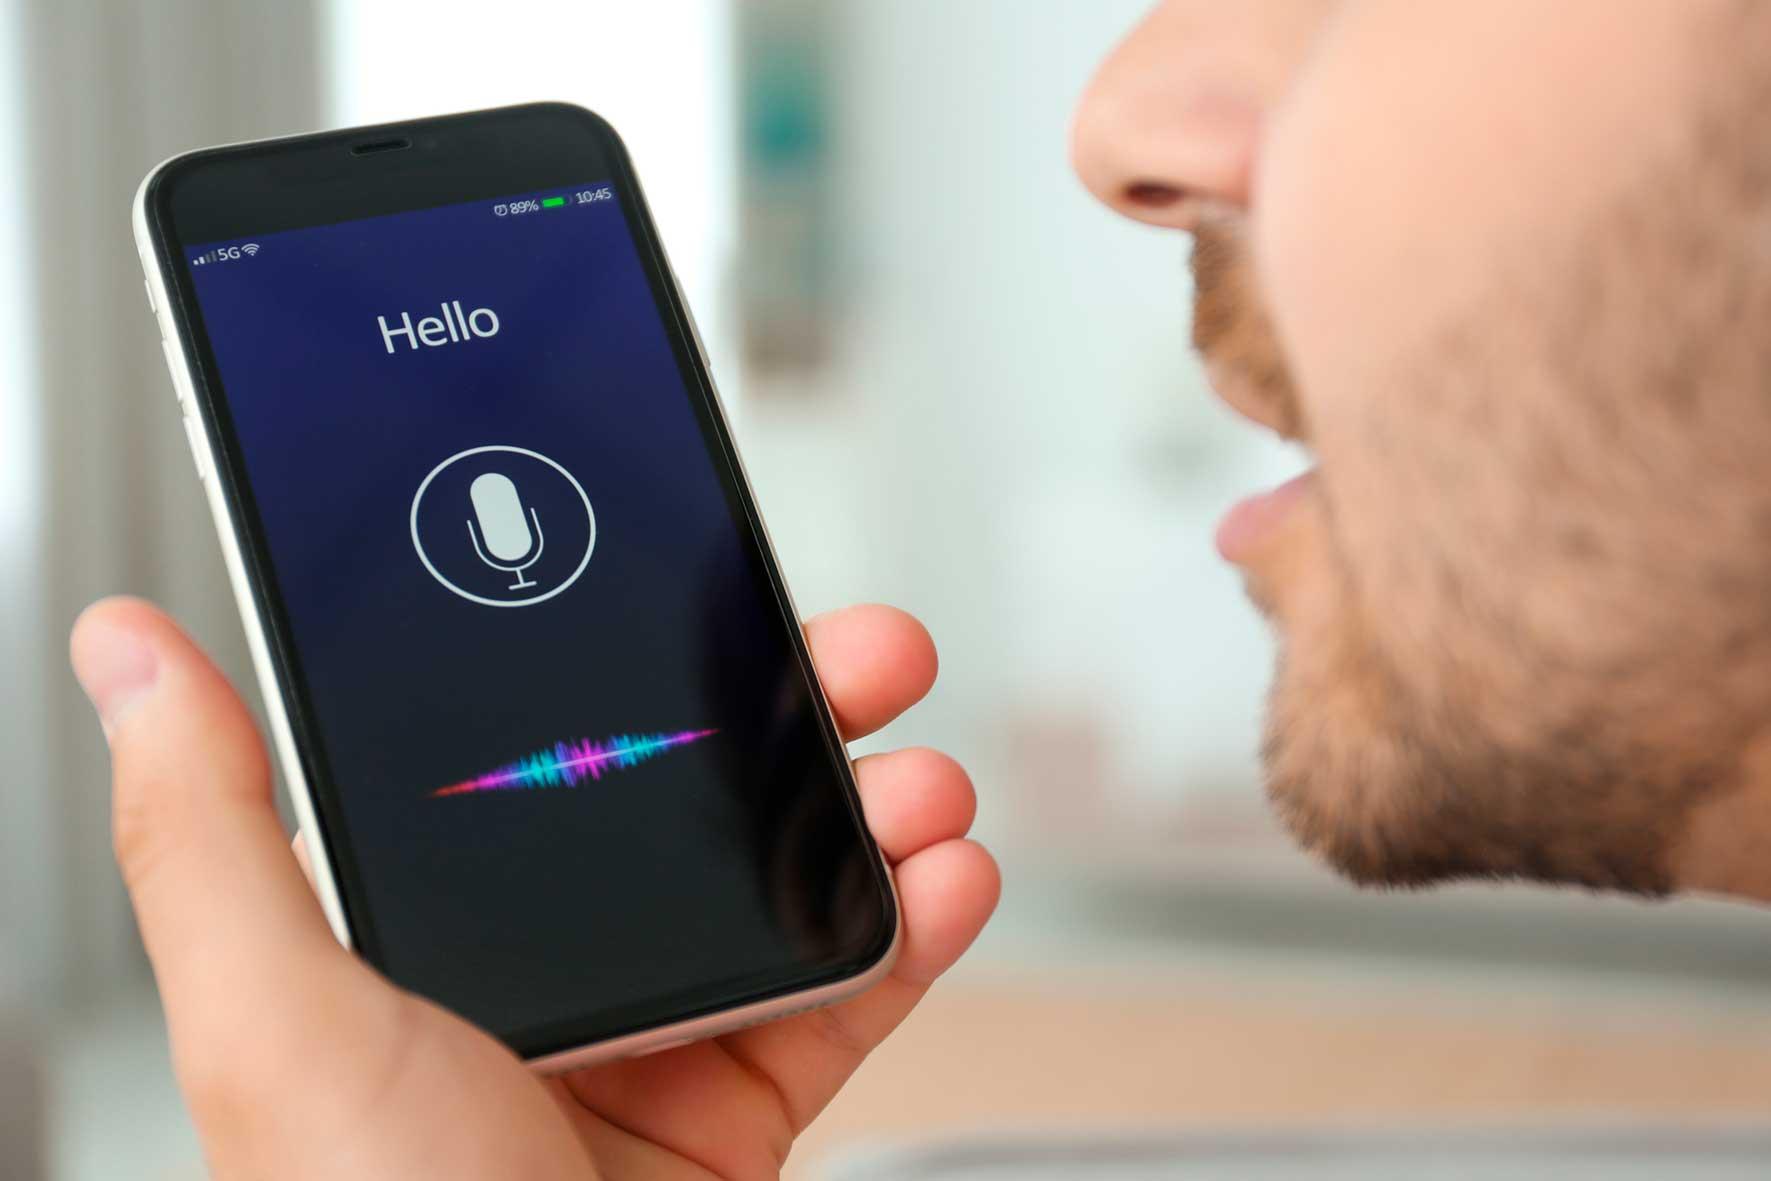 Parlem de dos projectes de IA relacionats amb el reconeixement de veu a L'Altra Ràdio